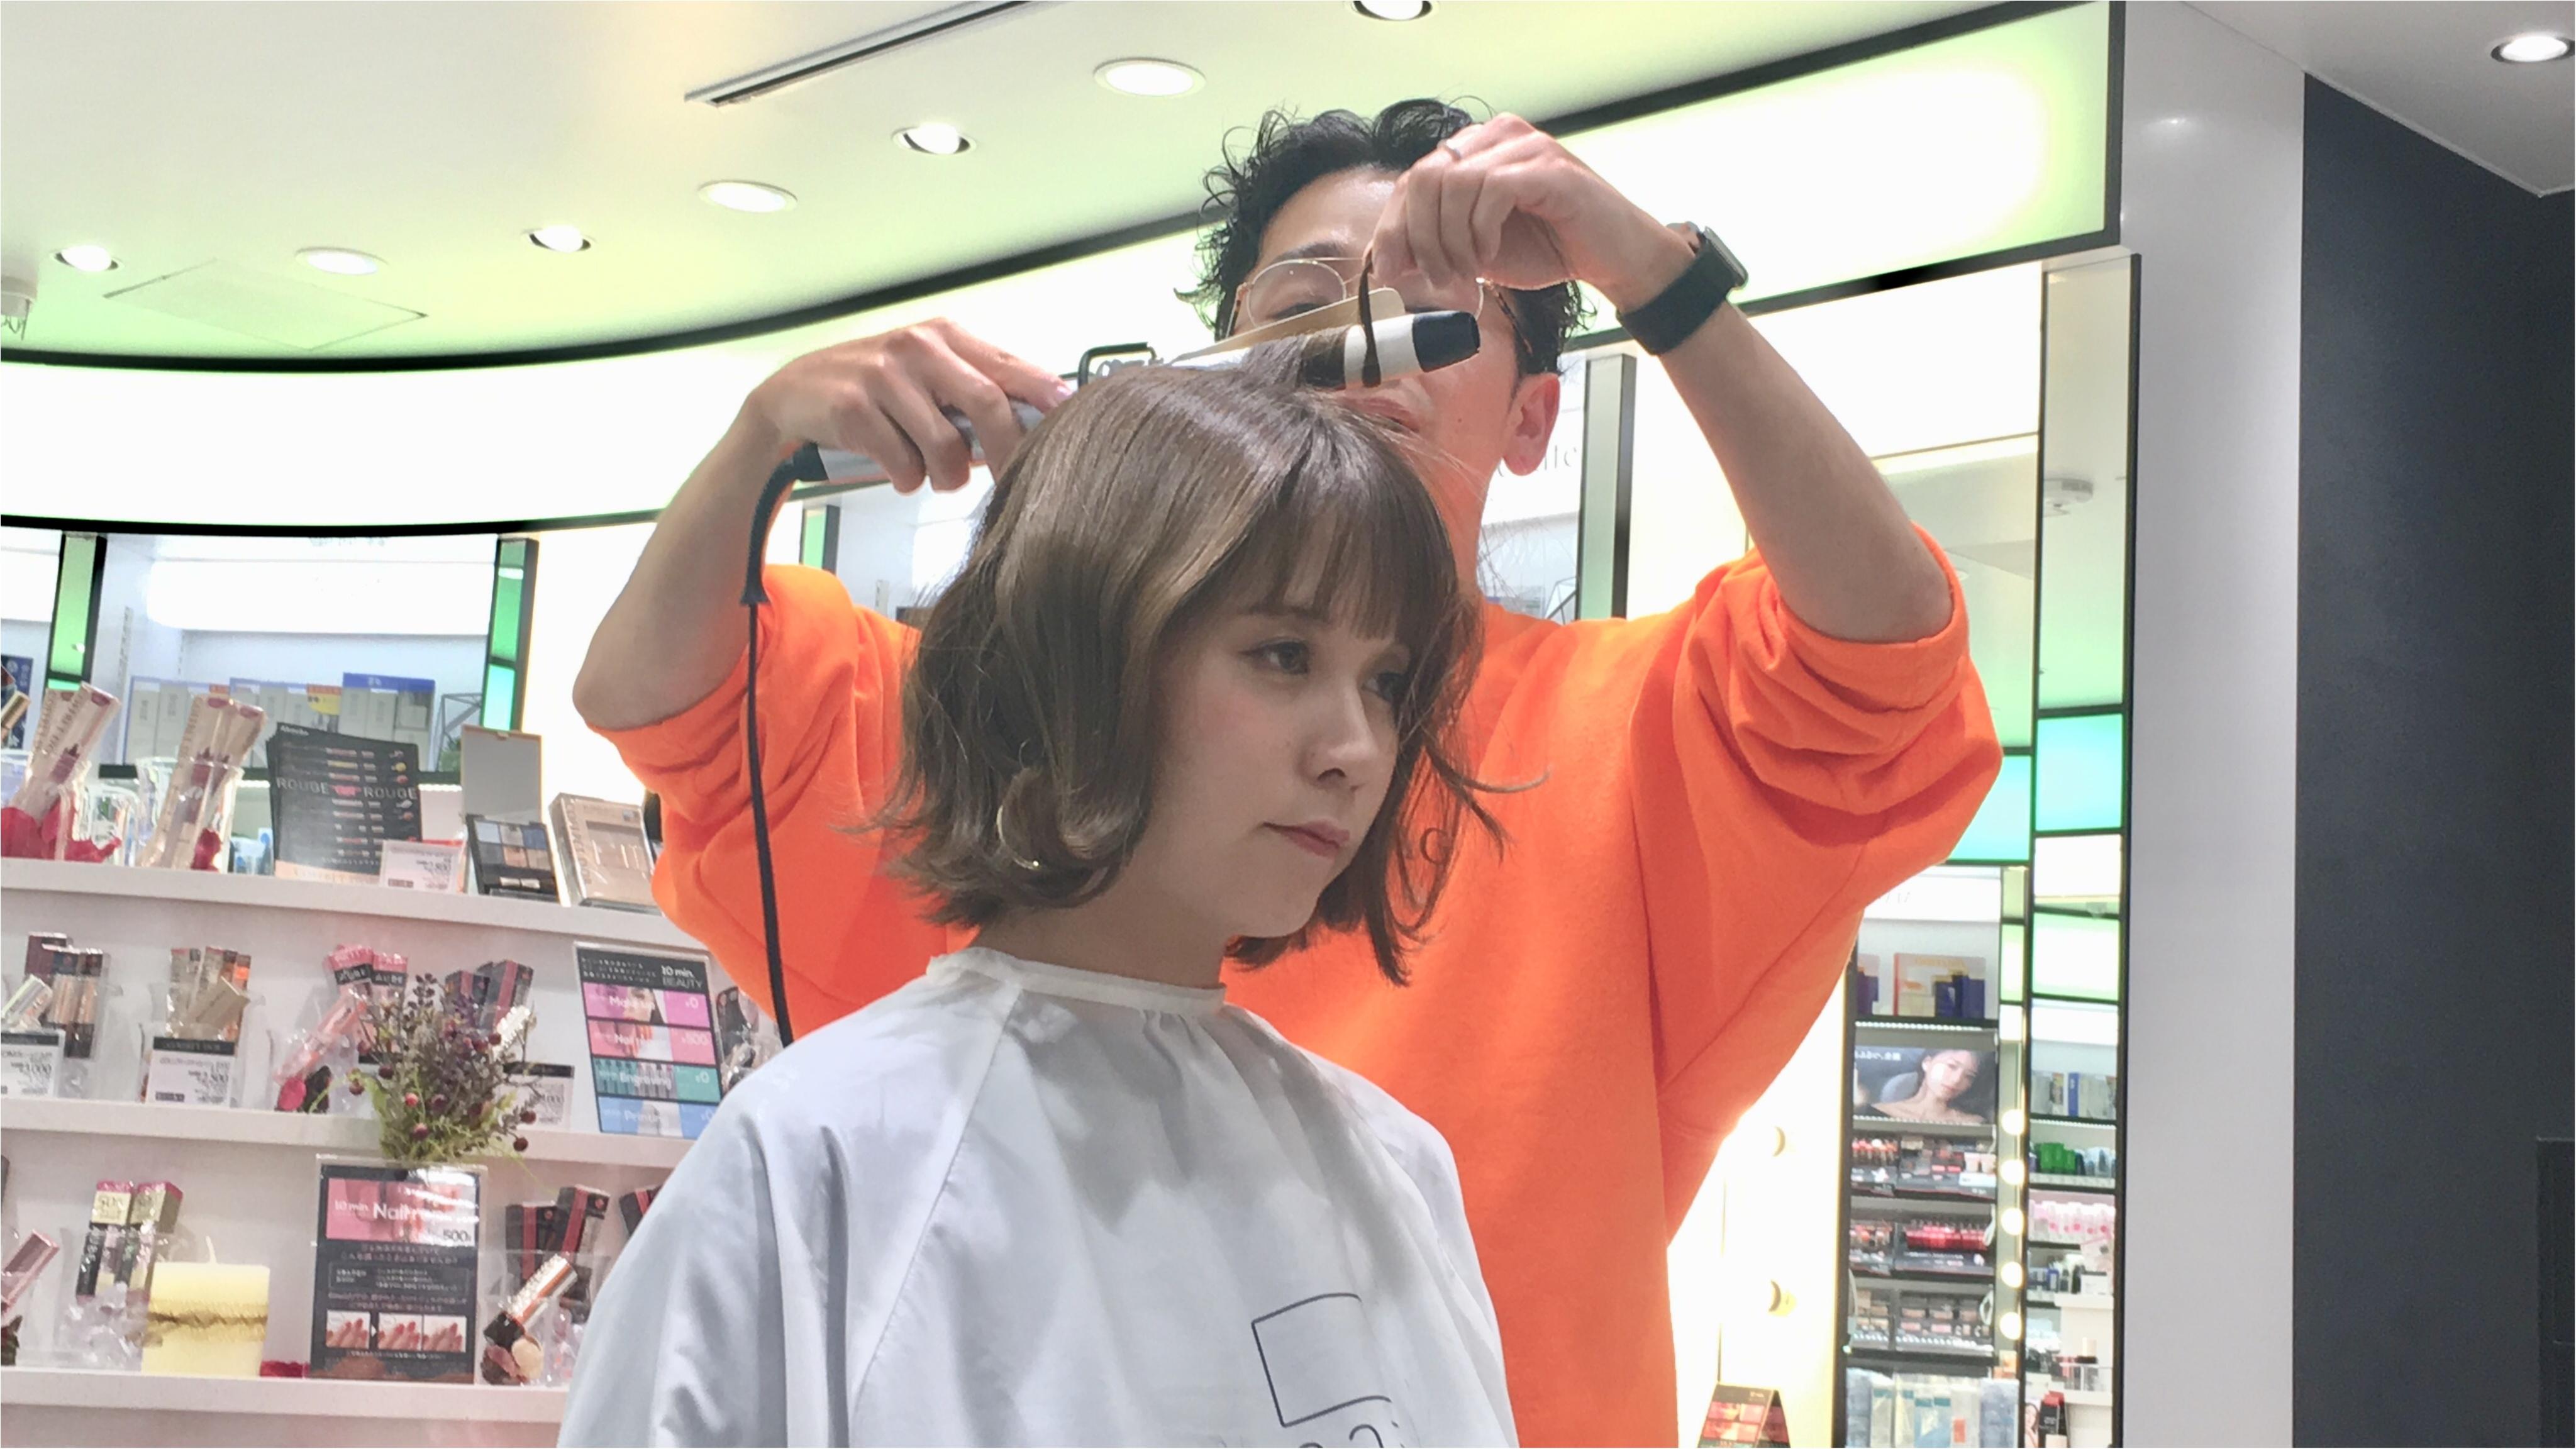 【銀座BeautyU】ヘアスタイリングセミナーでマンネリ解消!?_4